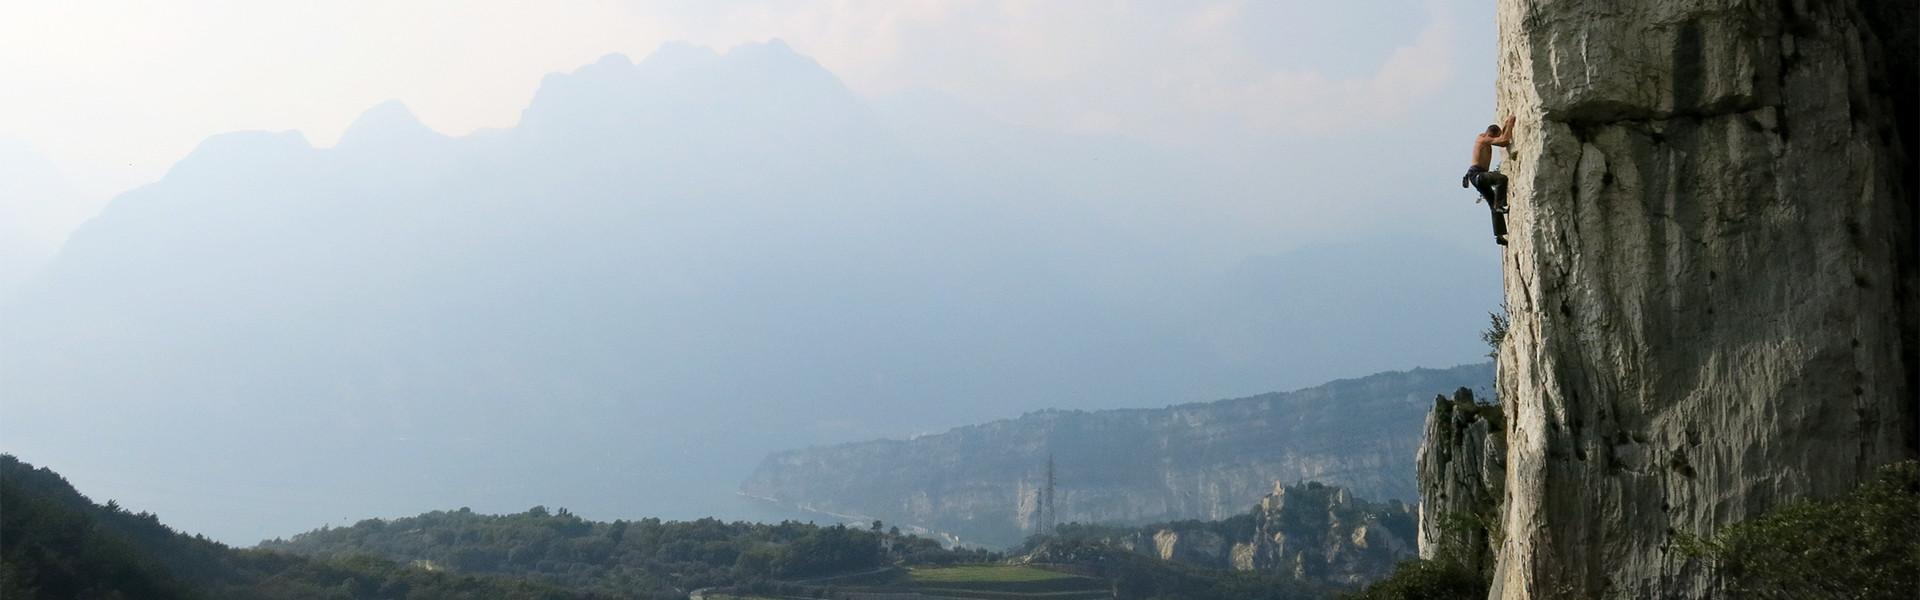 Martin Pühringer klettert über dem Ort Arco am Gardasee auf einer Kalknadel im Sektor Nago.